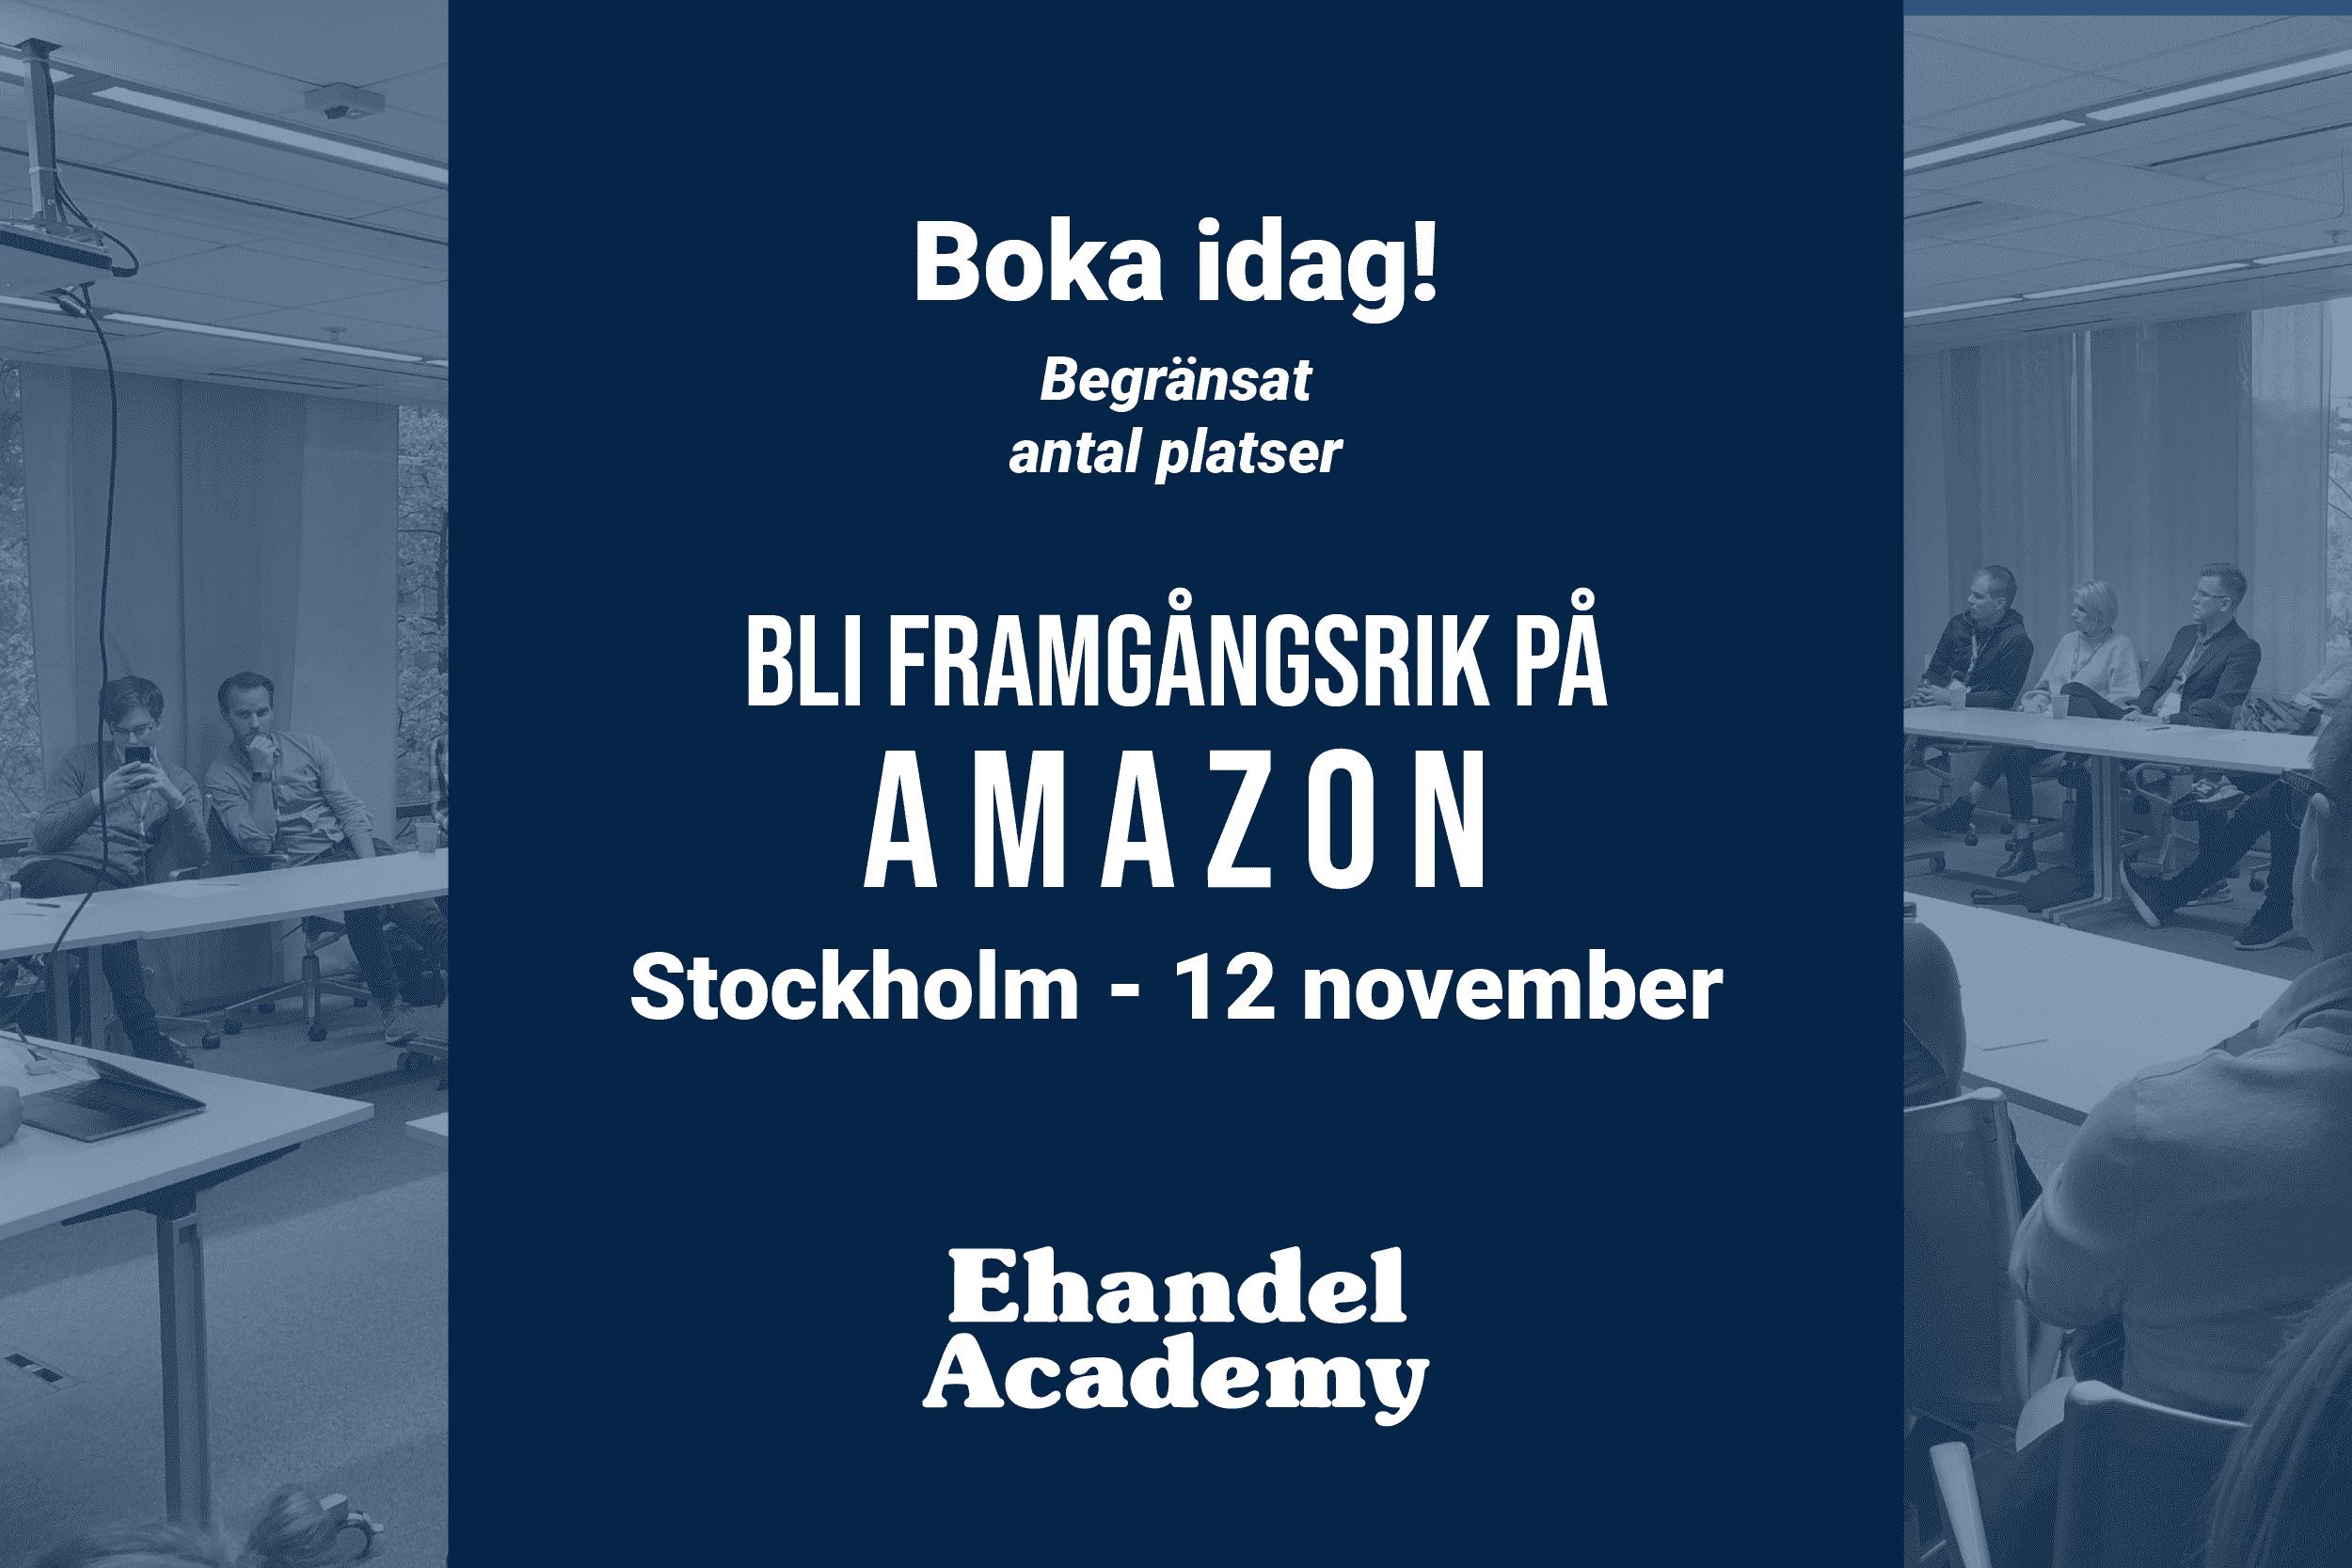 Ehandel Academy - Amazon kurs - mobil